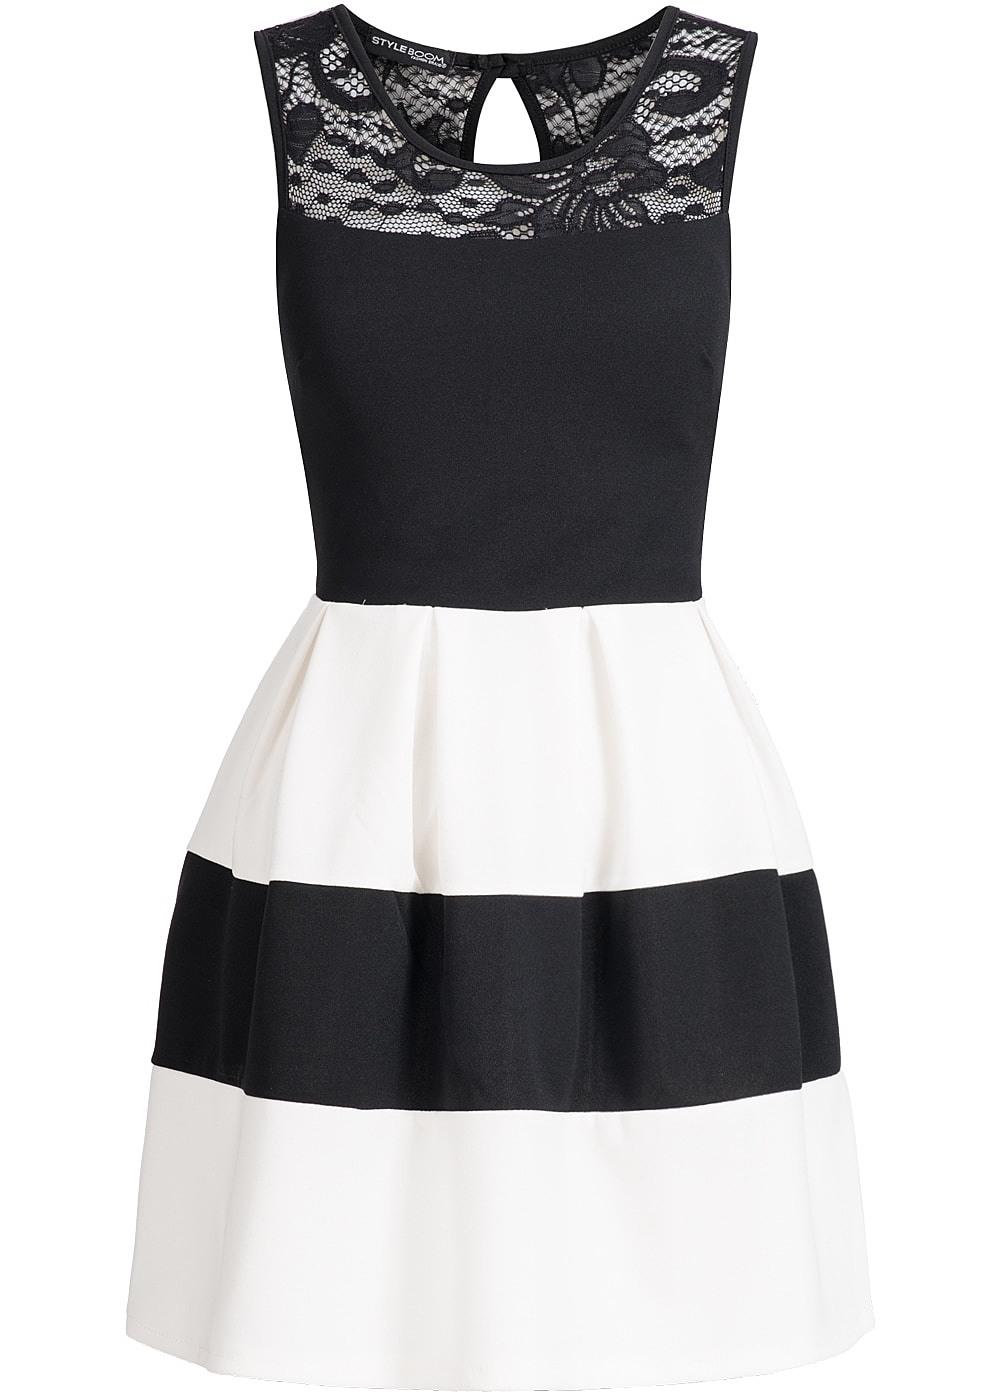 Abend Spektakulär Kleider Weiß Schwarz Ärmel10 Großartig Kleider Weiß Schwarz Design